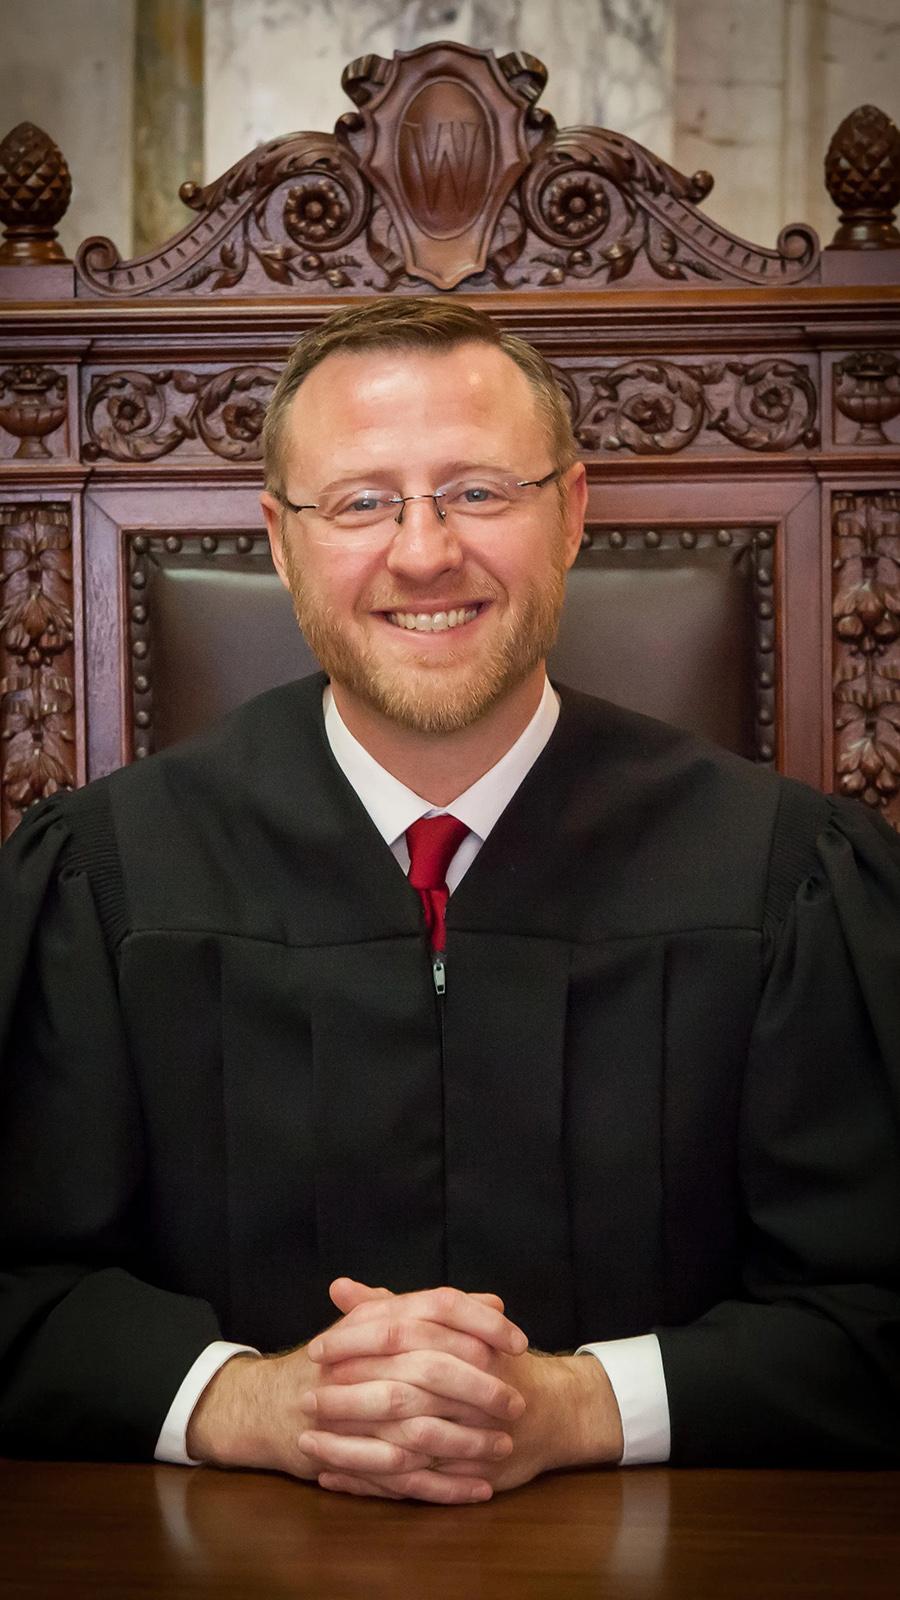 Portrait of Wisconsin Supreme Court Justice Brian Hagedorn